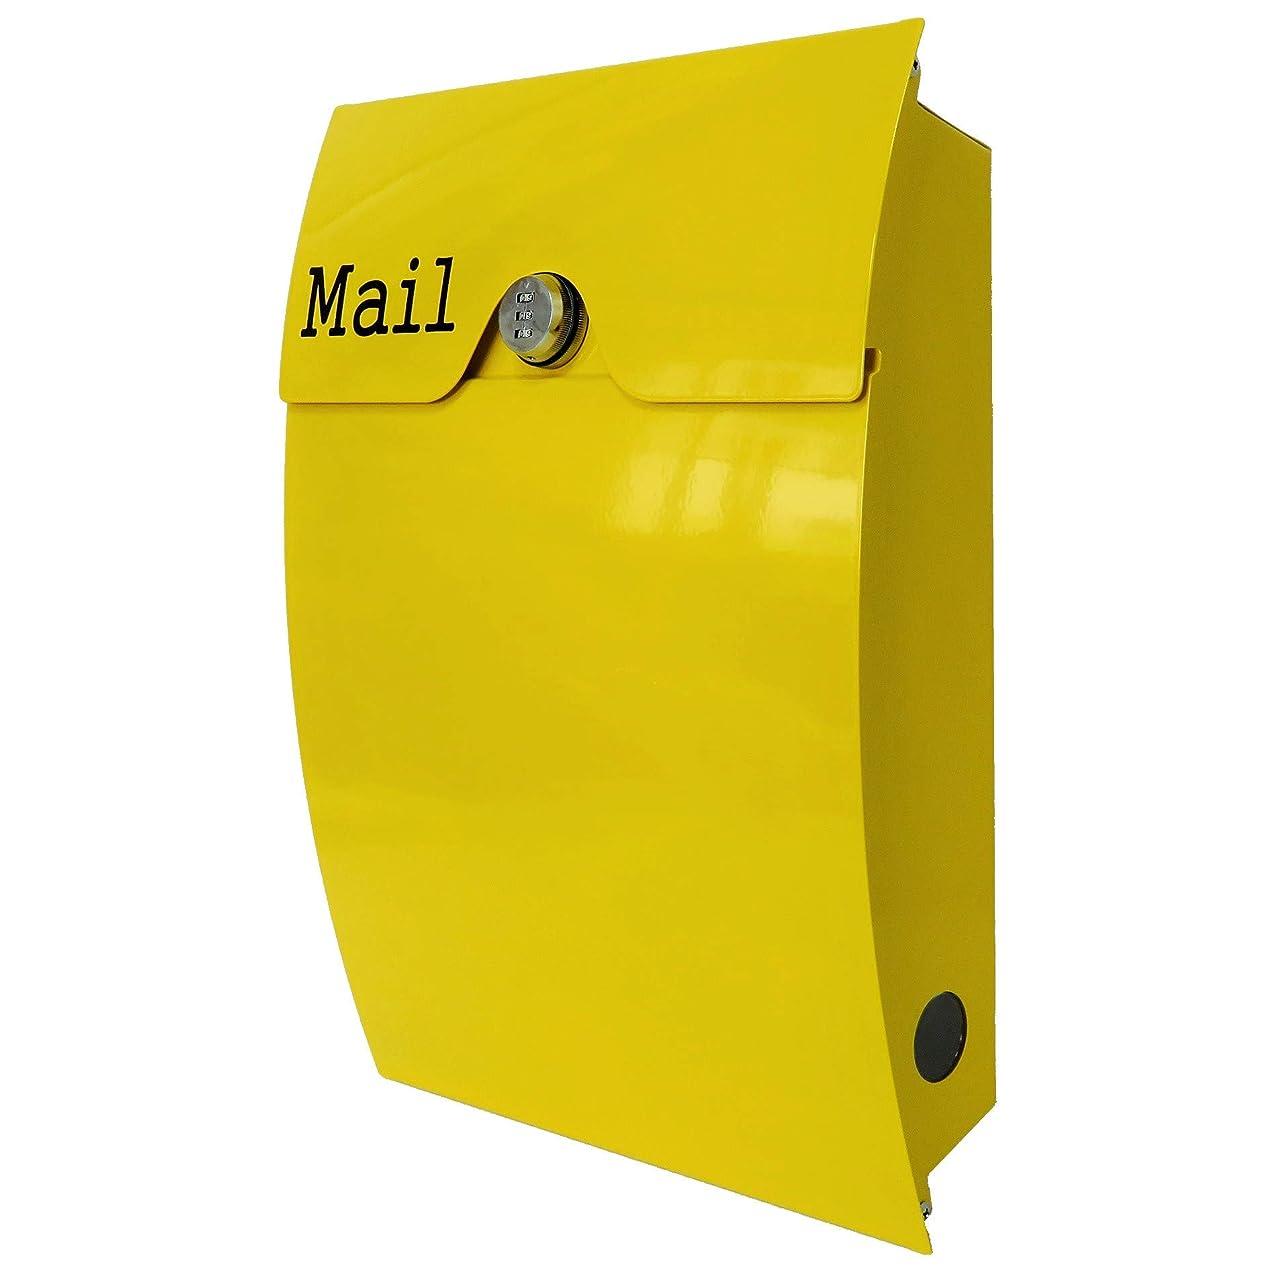 ネコようこそ生命体アイホーム(Ihome) 郵便ポスト pm16 pm163 大容量 イエロー 奥行10×高さ45.5×幅32cm